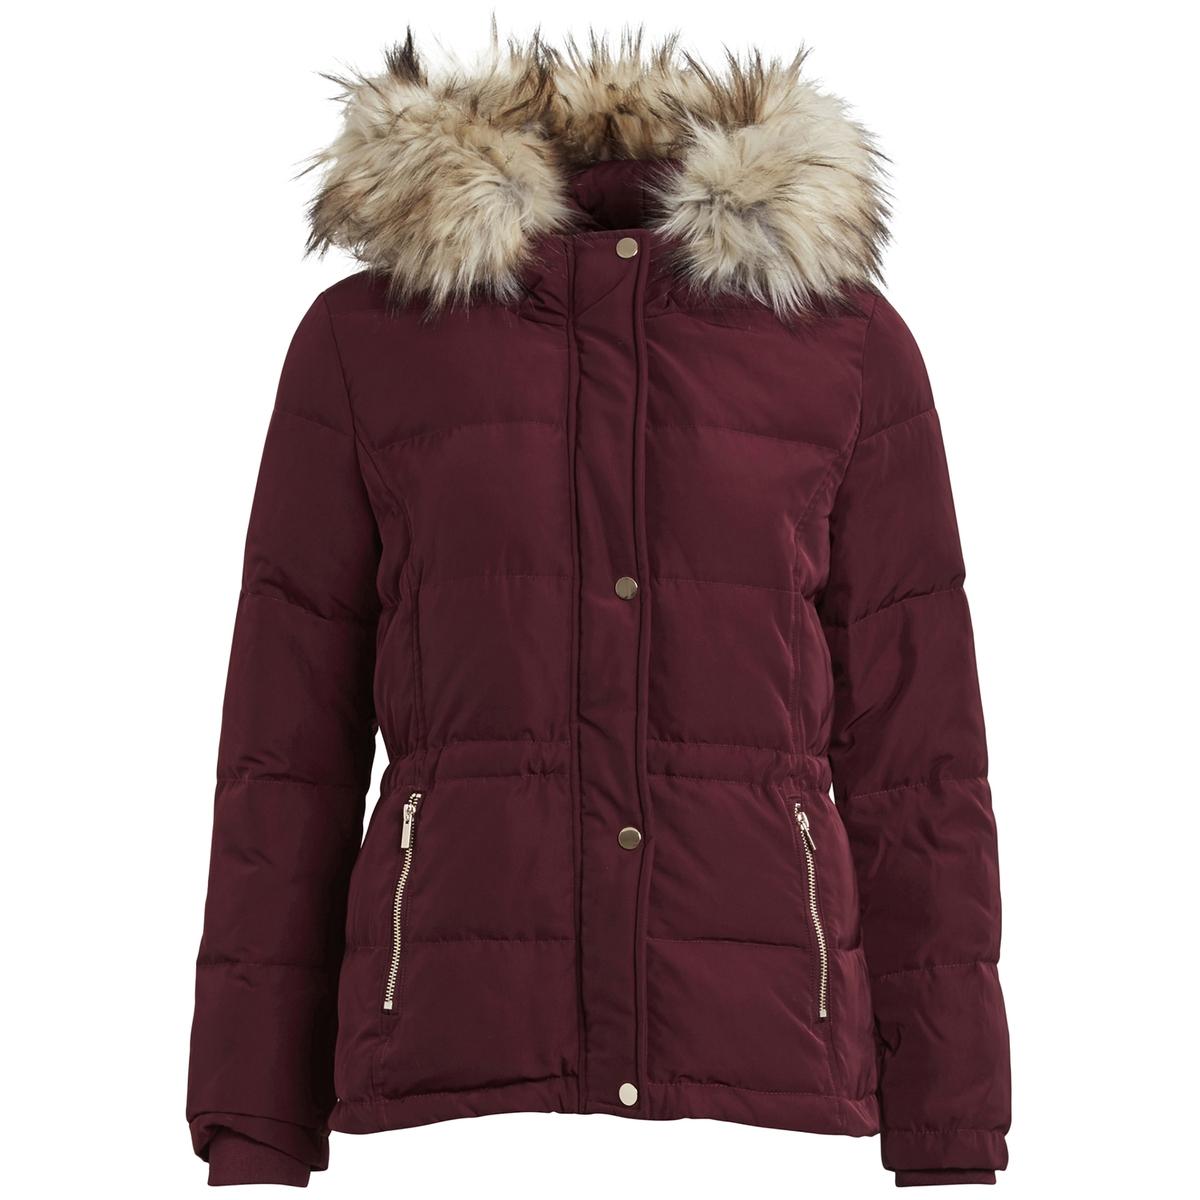 Куртка стеганая с капюшономОтличная куртка для первых холодов . Модный капюшон с оторочкой мягким искусственным мехом. Вы будете выглядеть современно в этой куртке Детали •  Длина : средняя •  Капюшон •  Застежка на кнопки •  С капюшономСостав и уход •  100% полиэстер •  Следуйте рекомендациям по уходу, указанным на этикетке изделия<br><br>Цвет: бордовый<br>Размер: S